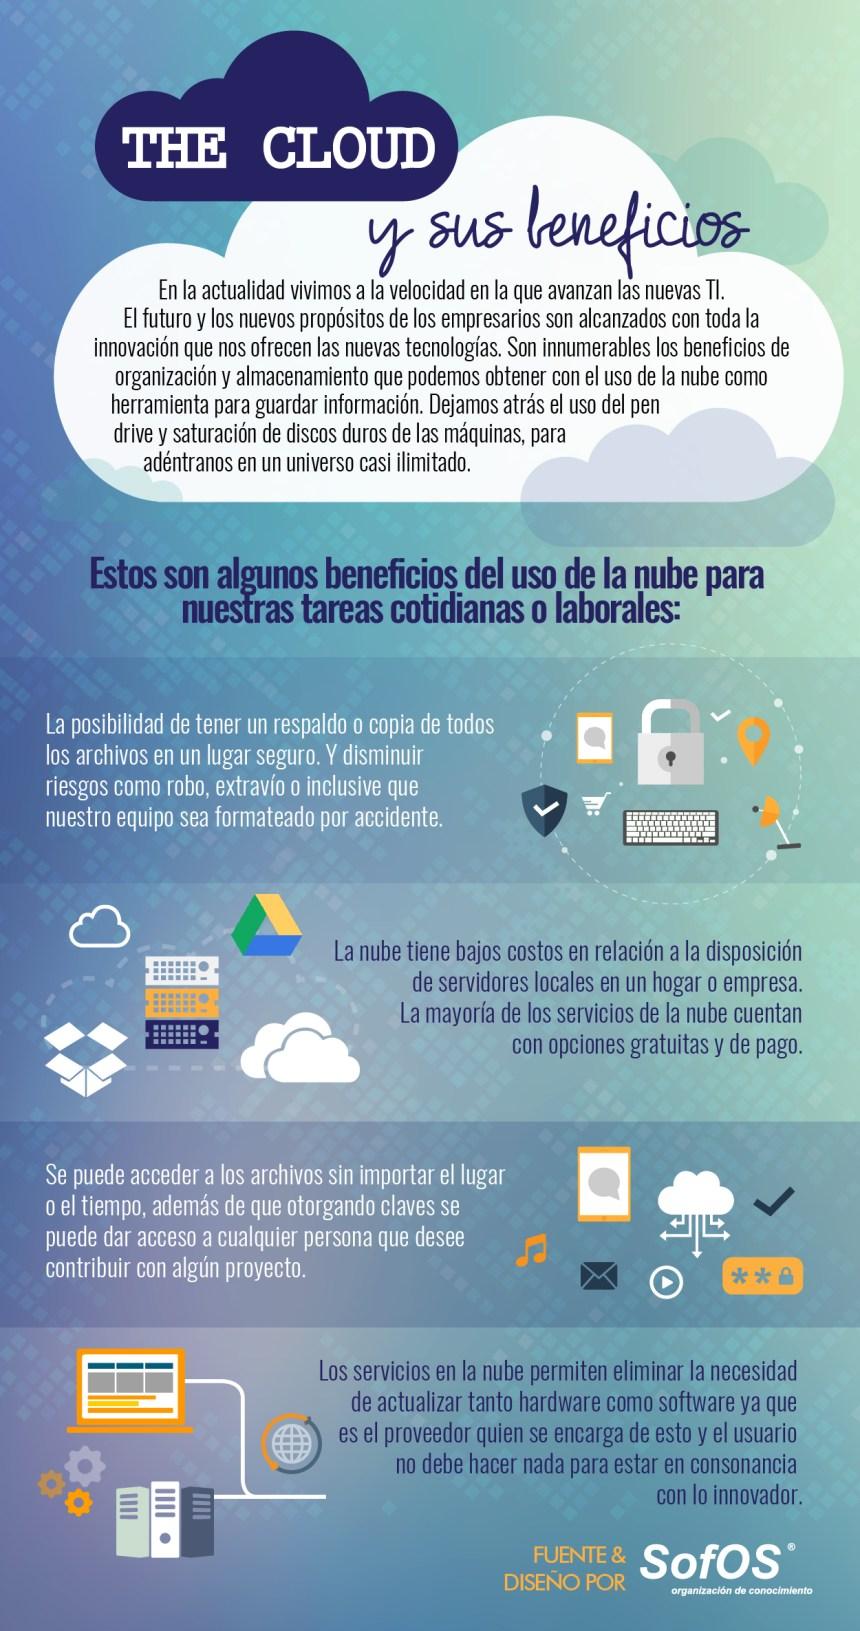 La Nube y sus beneficios